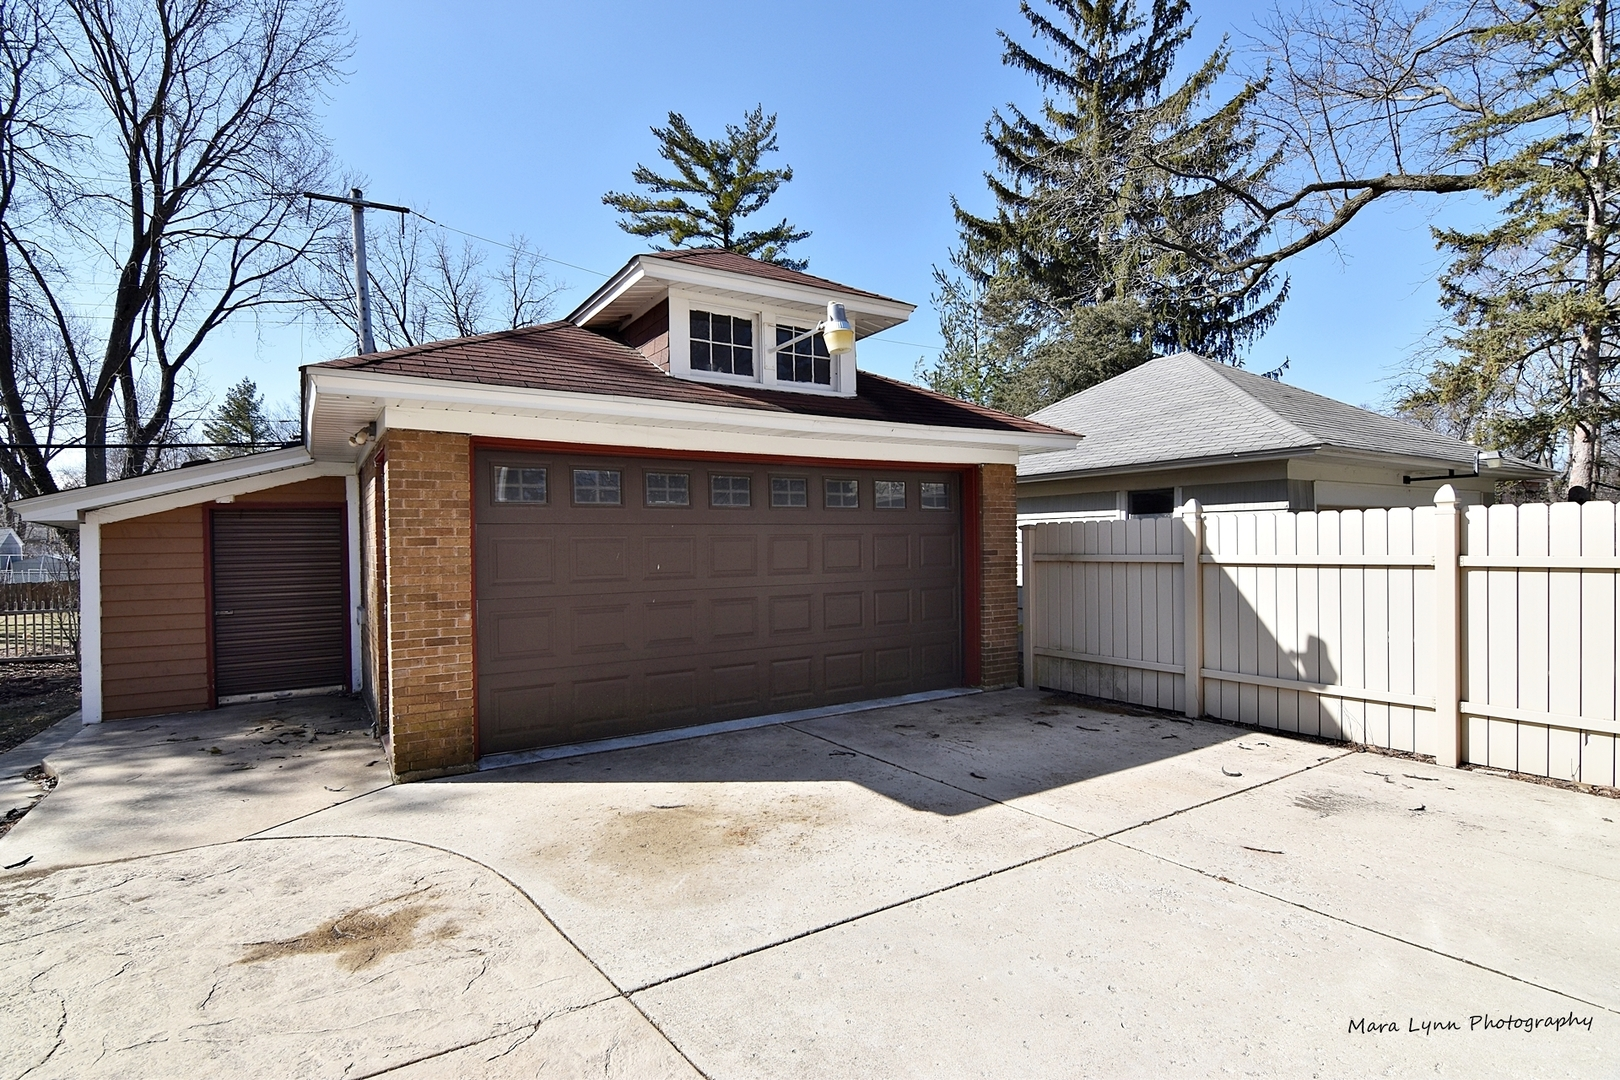 1112 Garfield, AURORA, Illinois, 60506